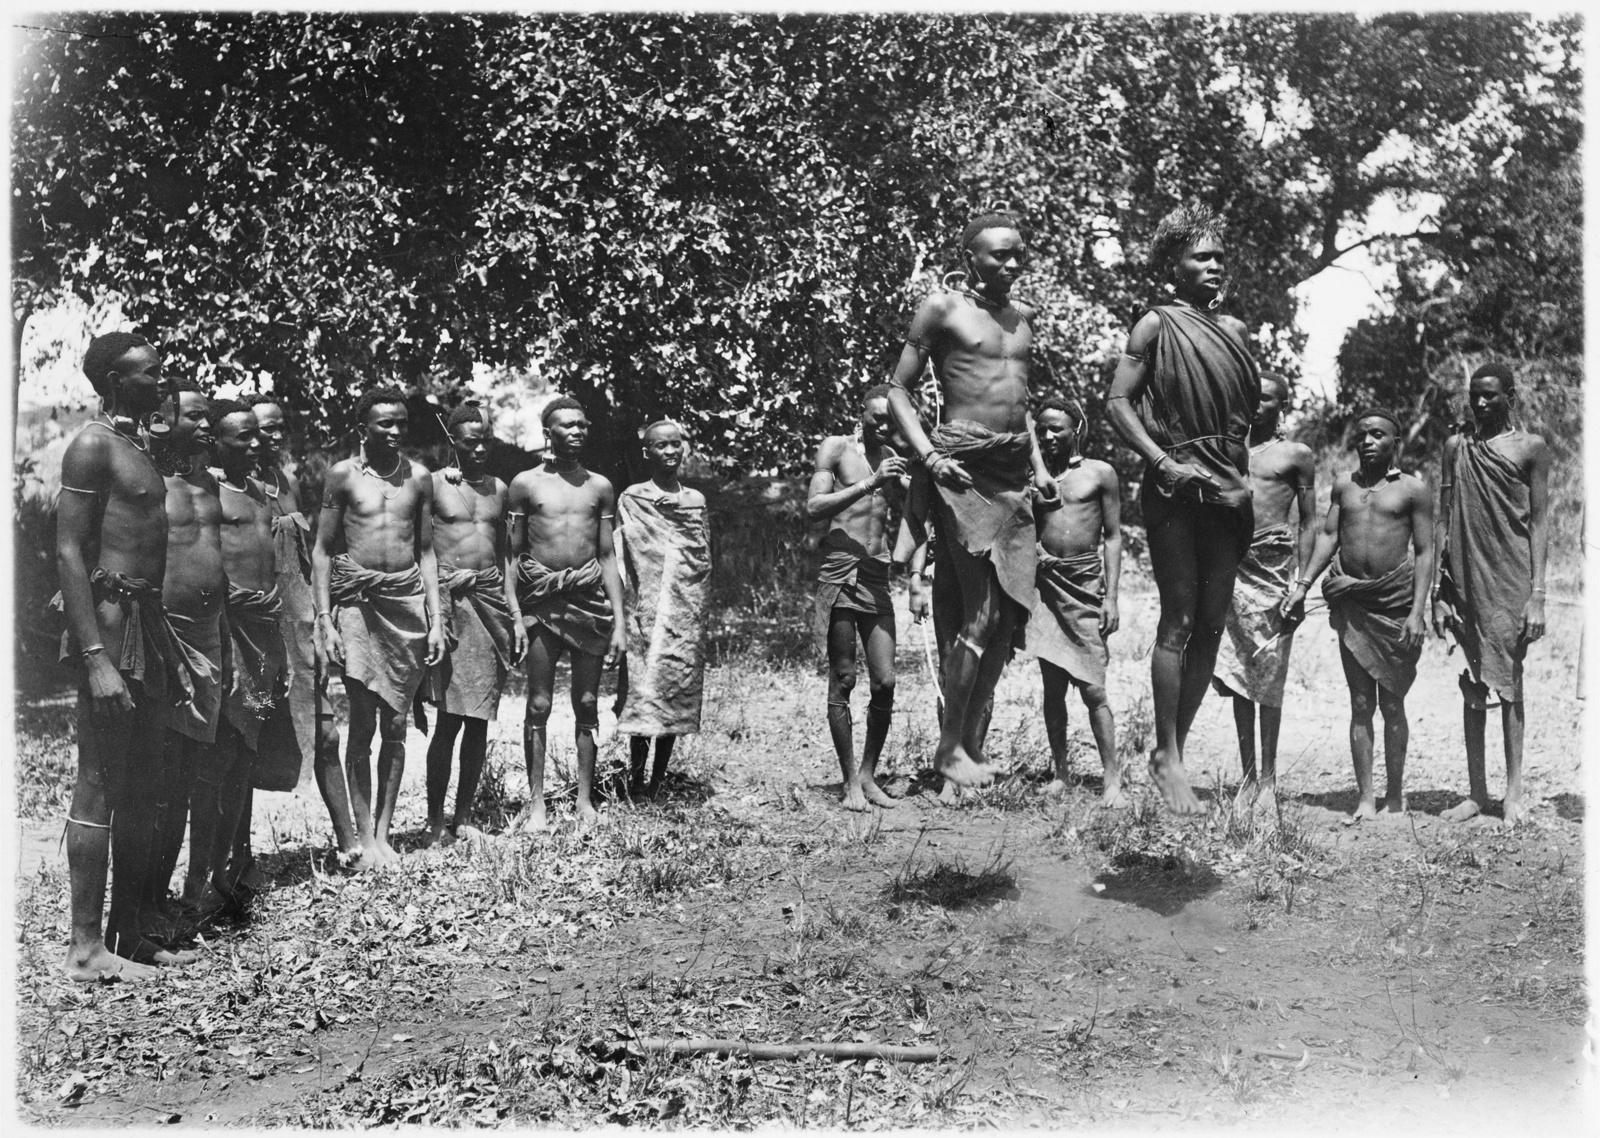 04. Группа людей басонжо во время танца у лагеря Ндалалани. Танцоры прыгают на два фута высотой, вытянув тела